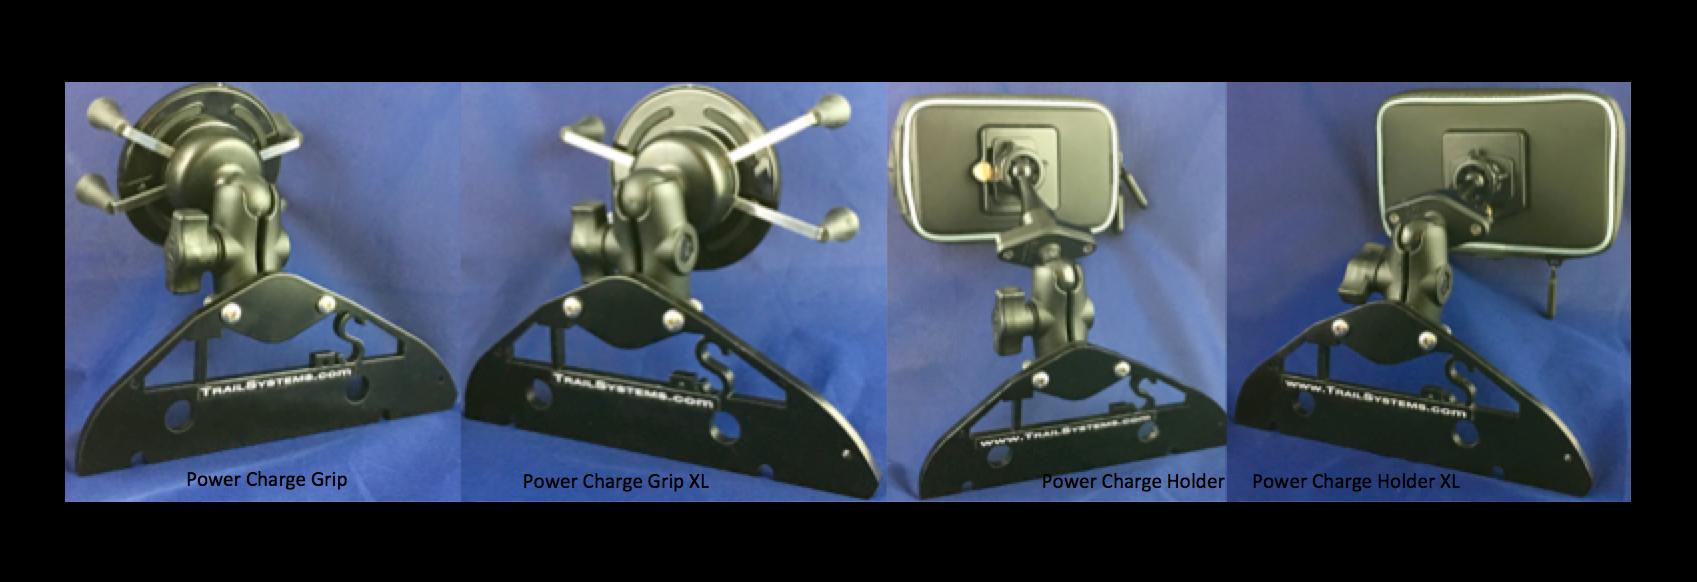 Yamaha SmartHolder 06 to 2018